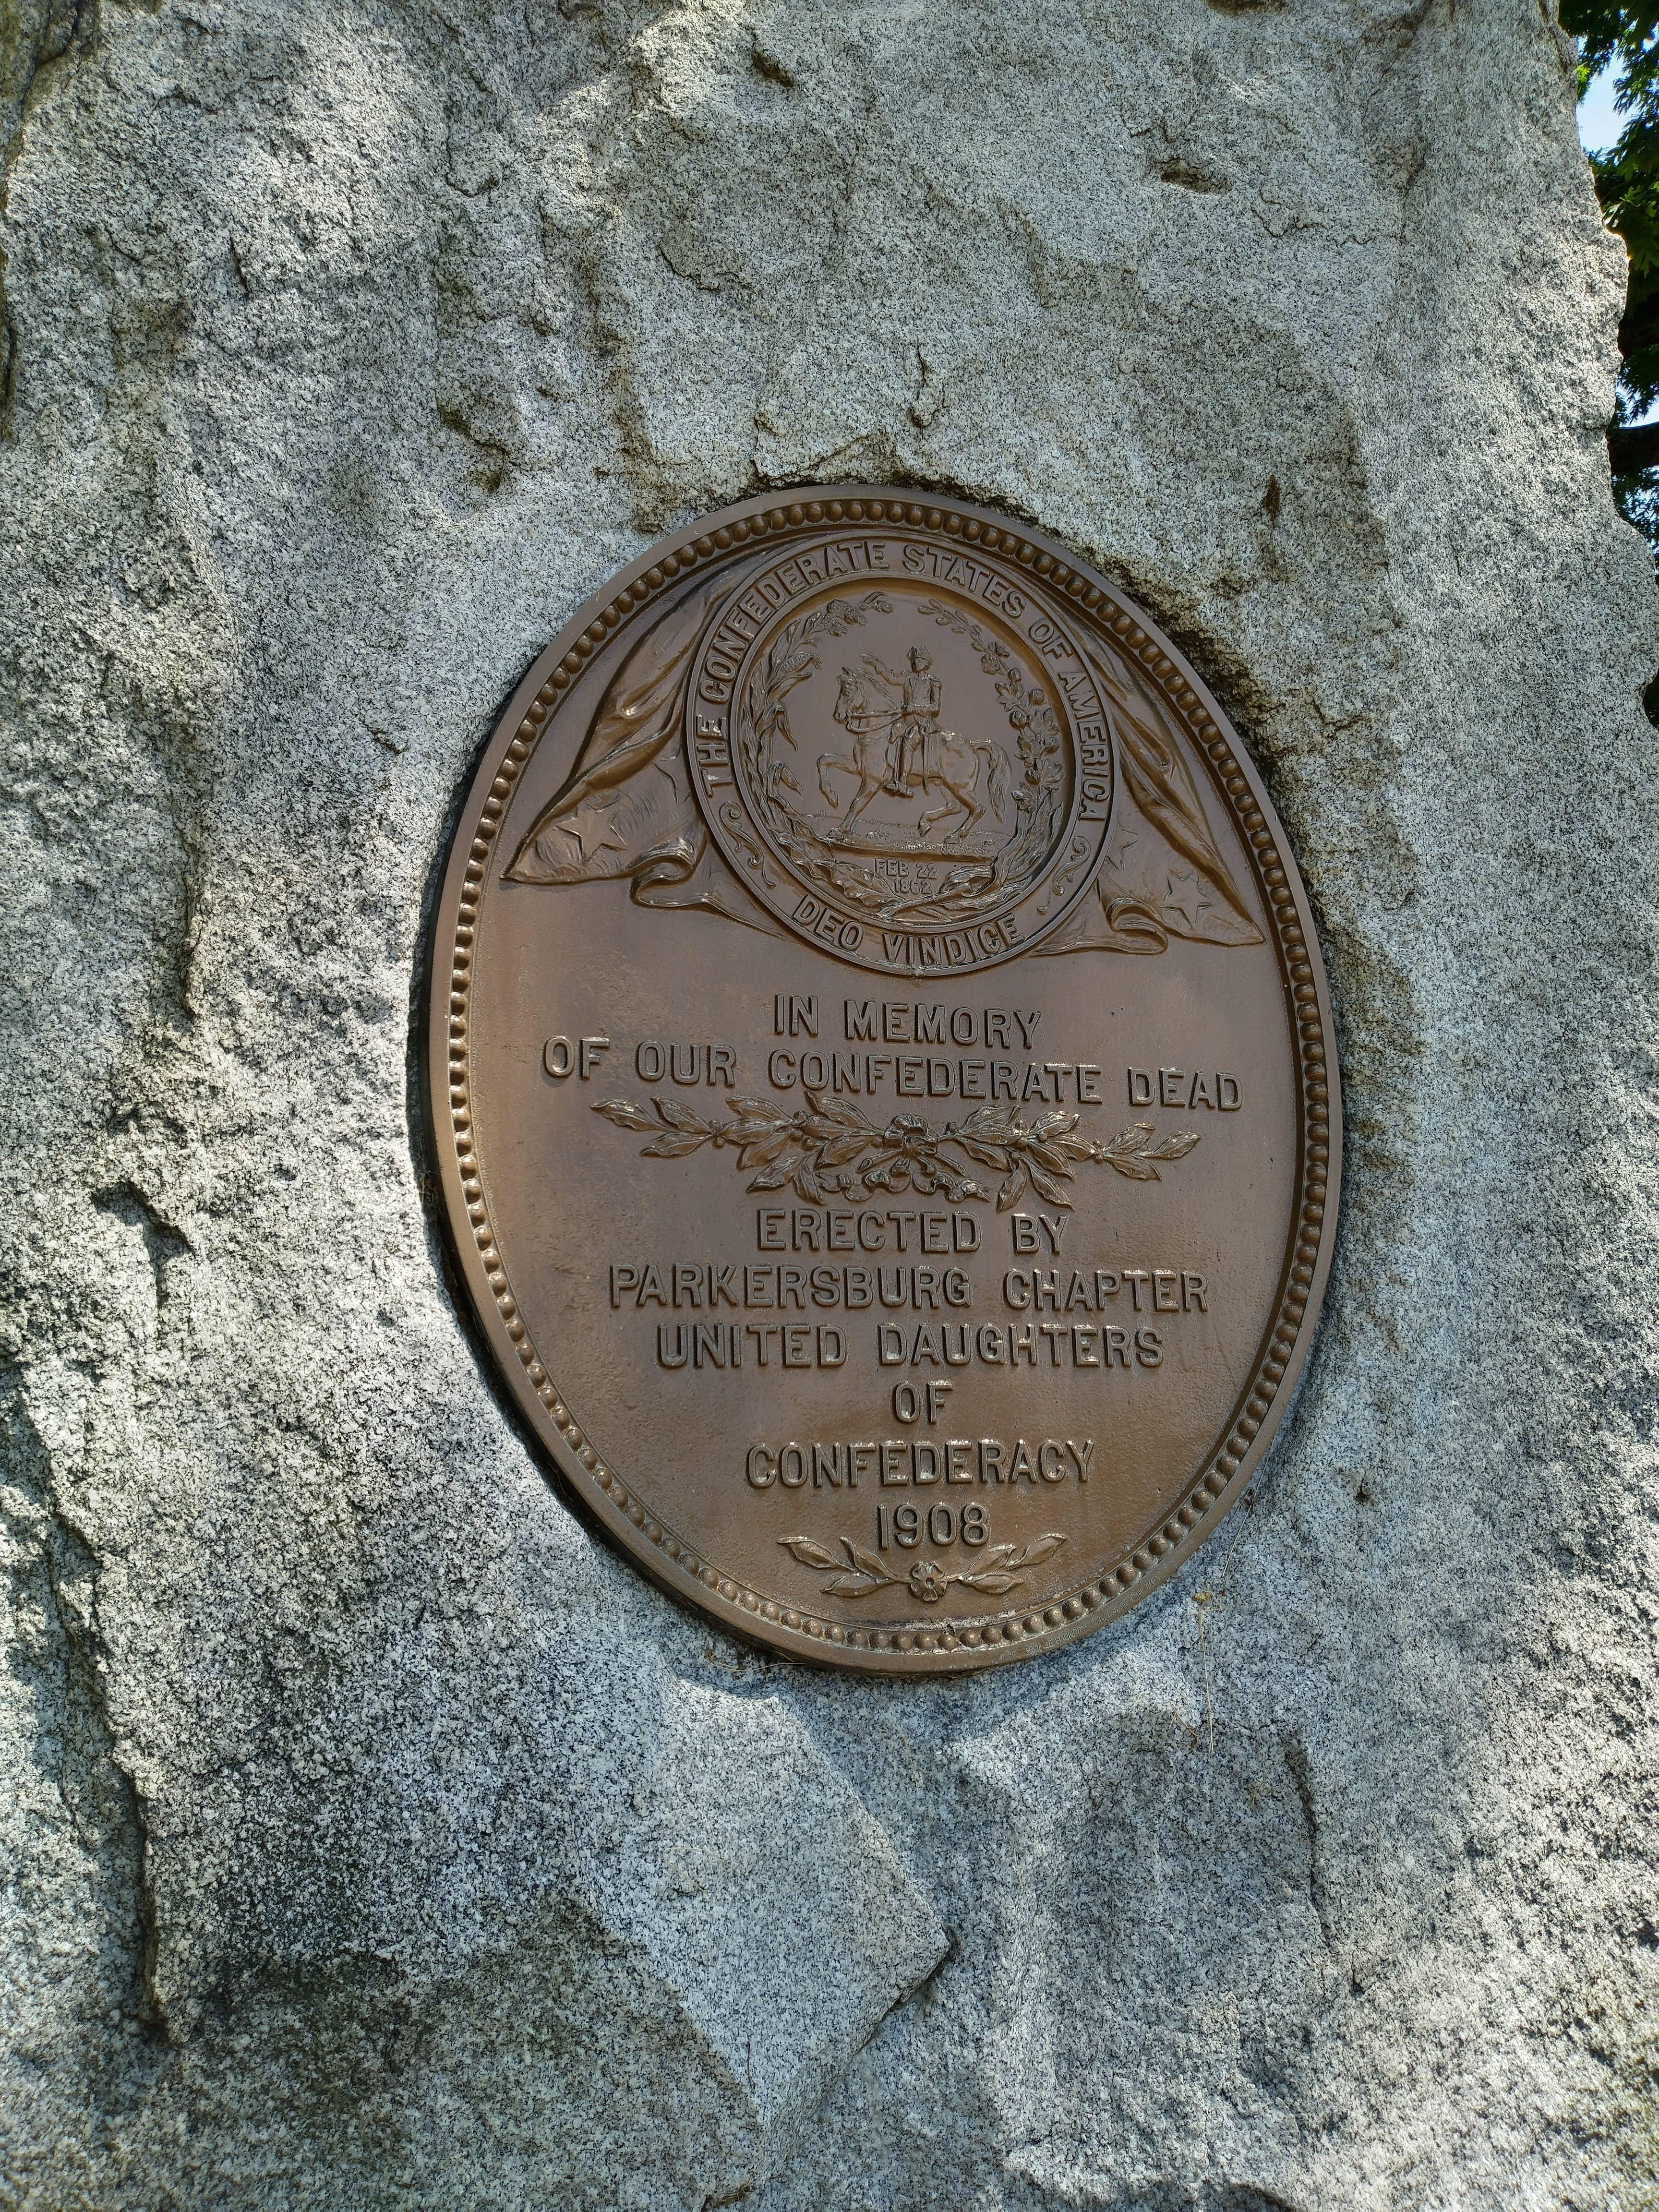 Parkersburg Confederate Monument plaque.